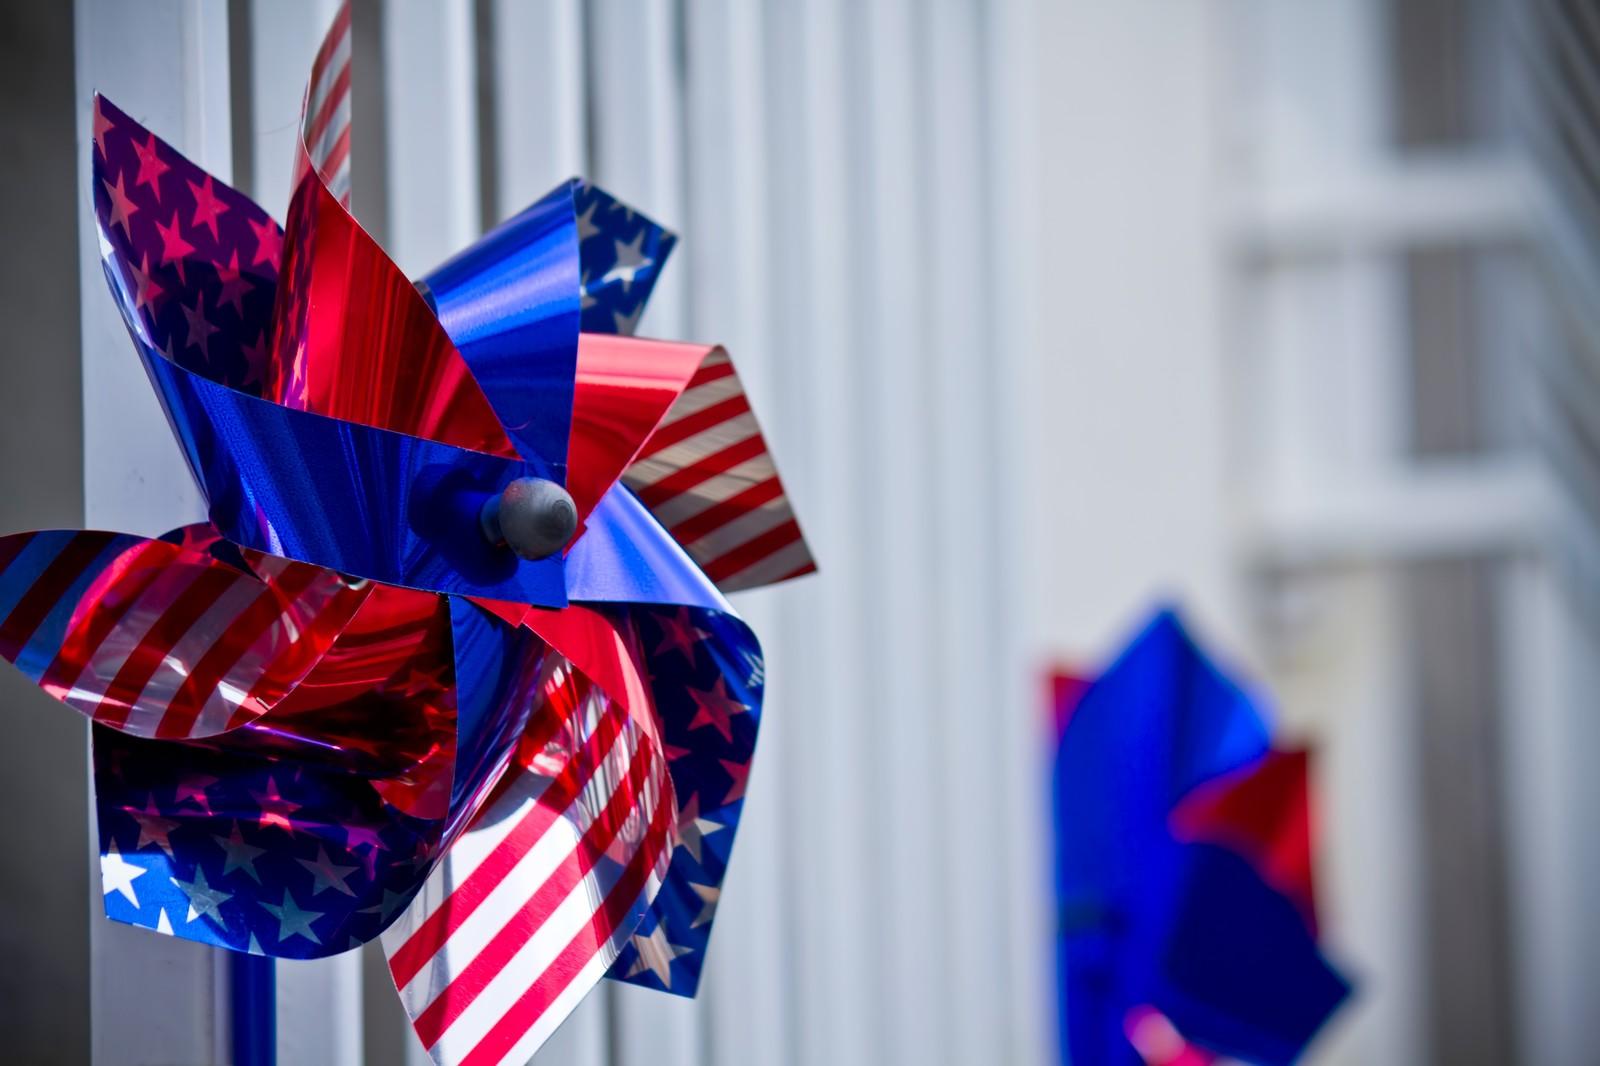 アメリカの国旗の柄の飾り